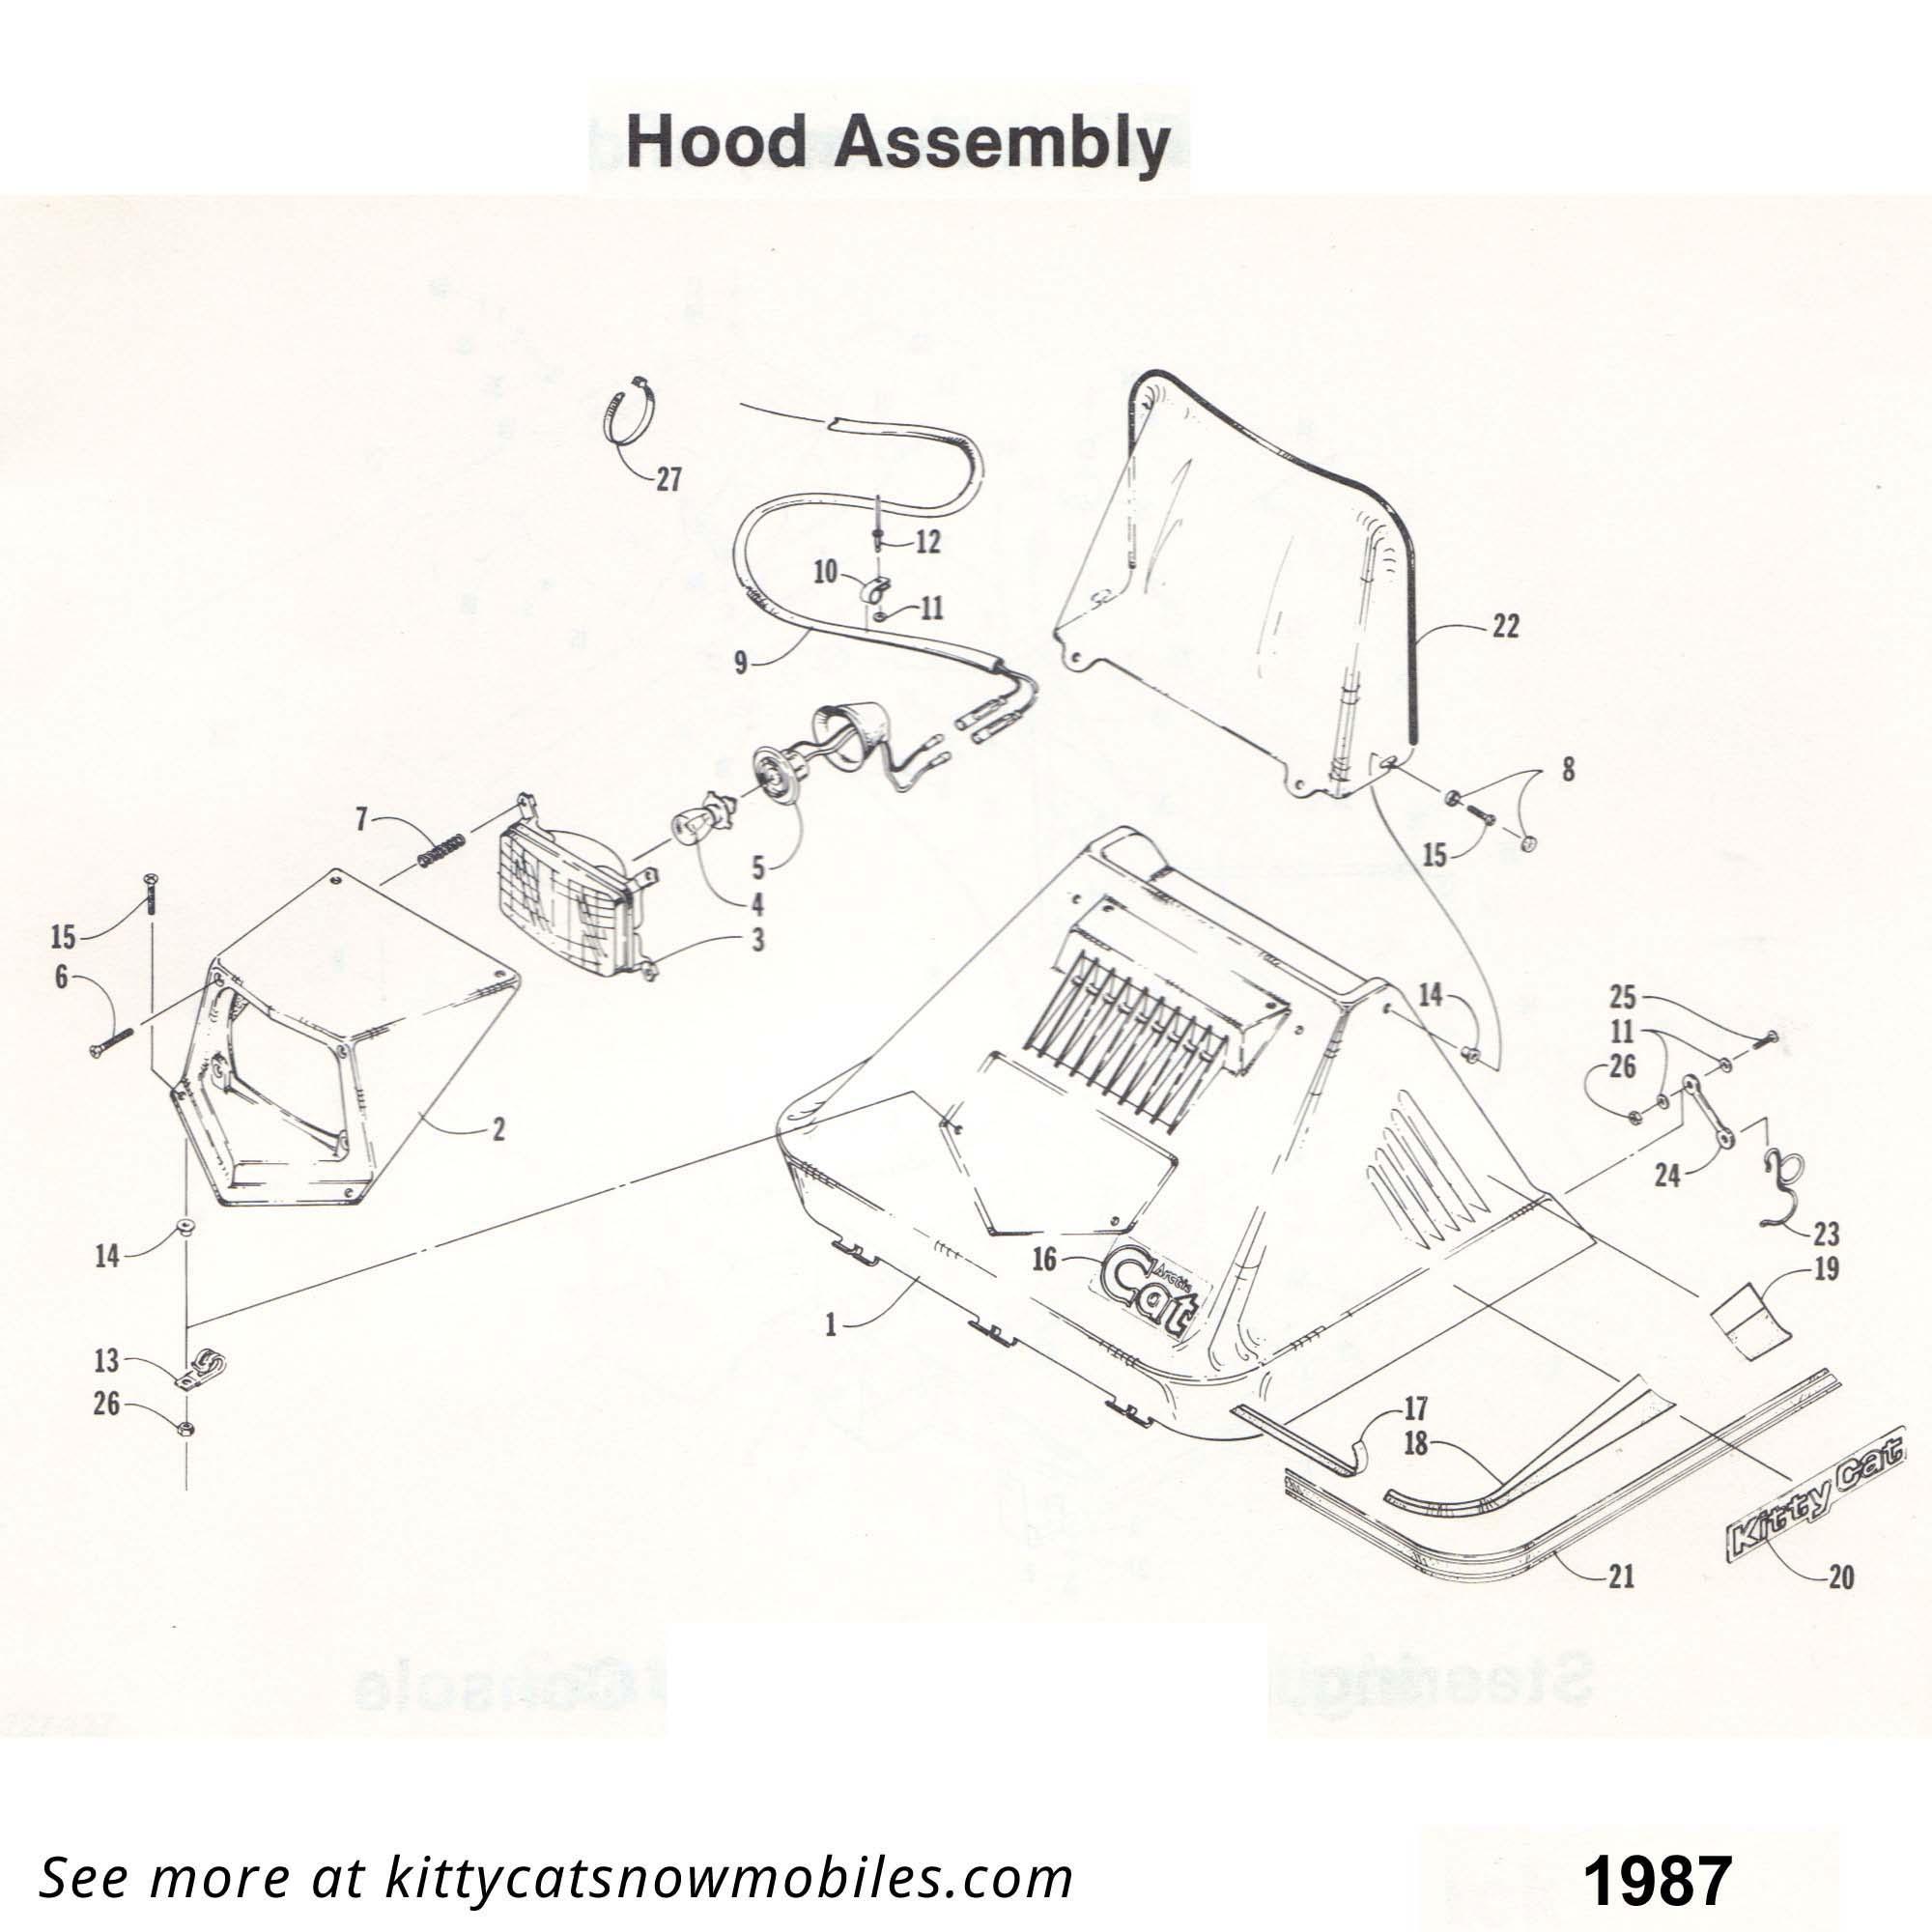 Kitty Cat Hood Parts